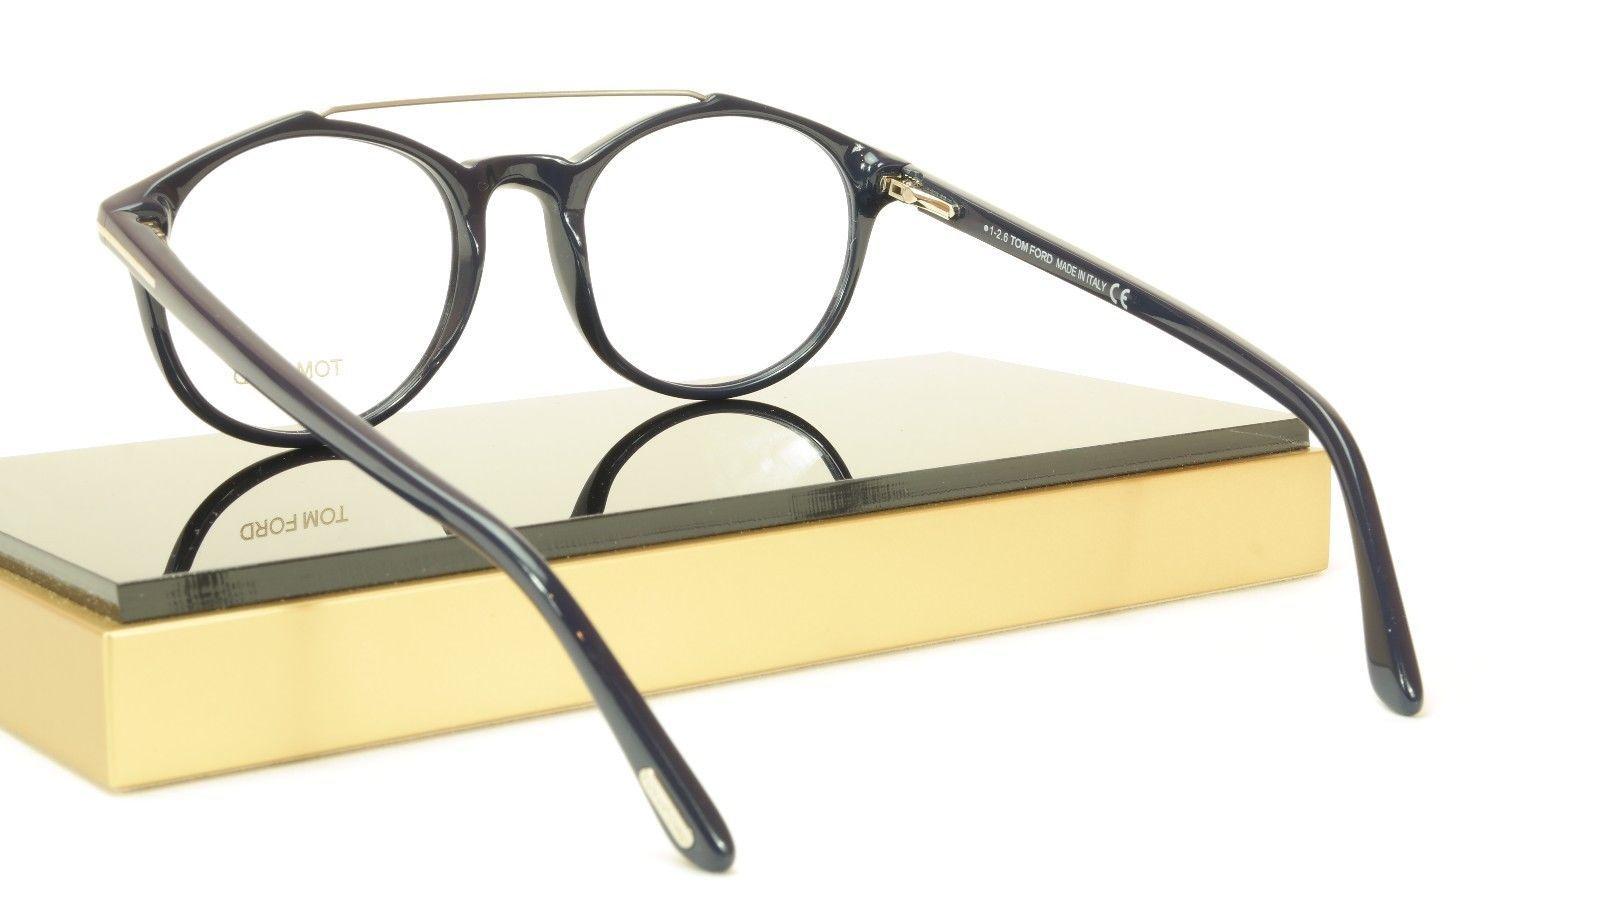 Tom Ford Authentic Eyeglasses Frame TF5455 090 Dark Navy Blue Italy 52-20-145 image 9